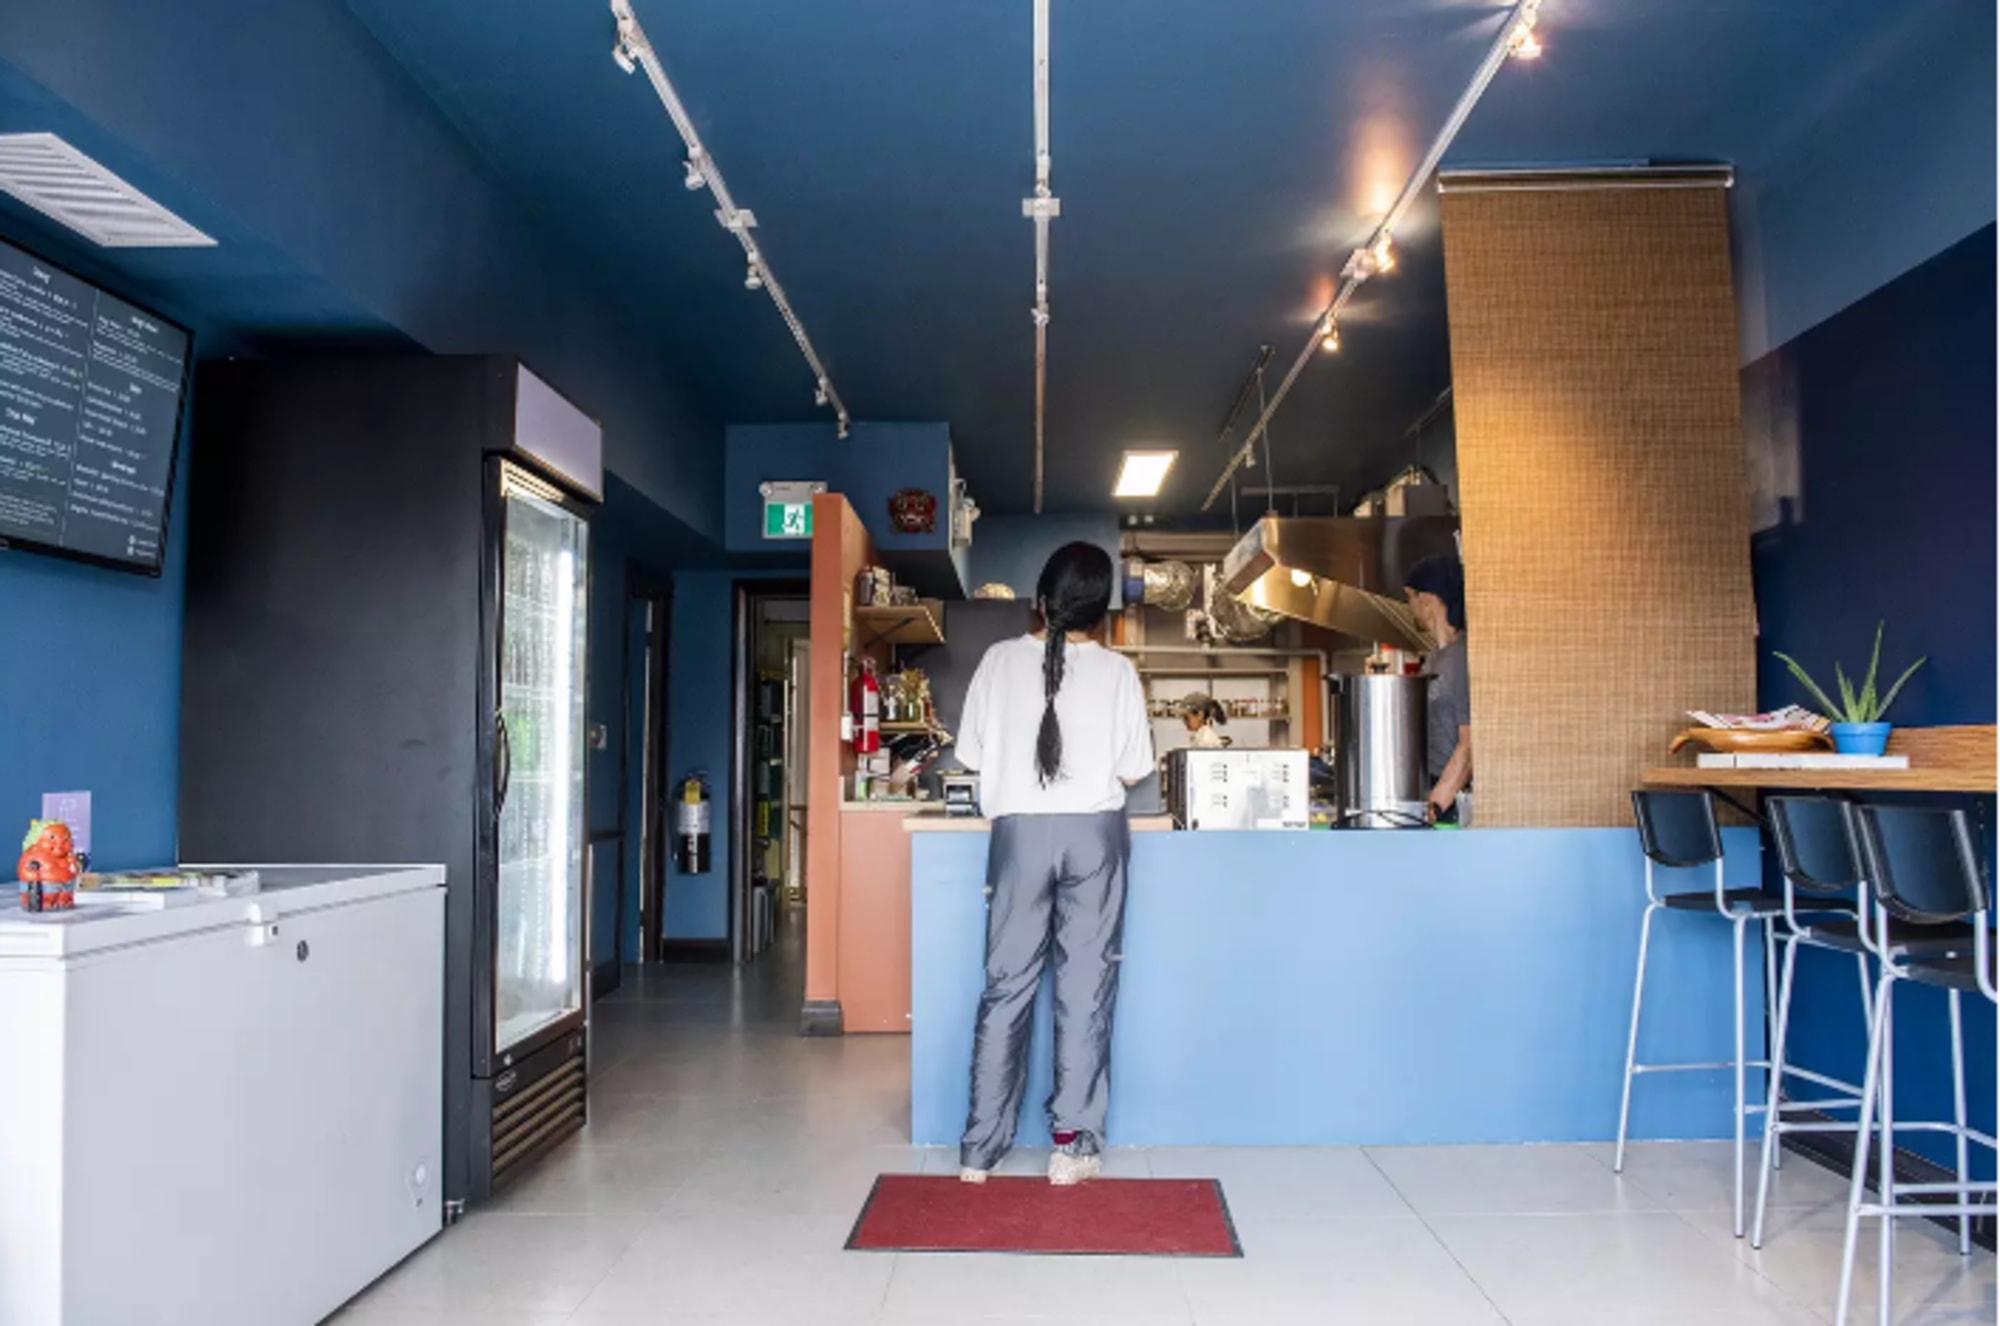 rénovation d'un restaurant avec cliente debout devant comptoir bleu